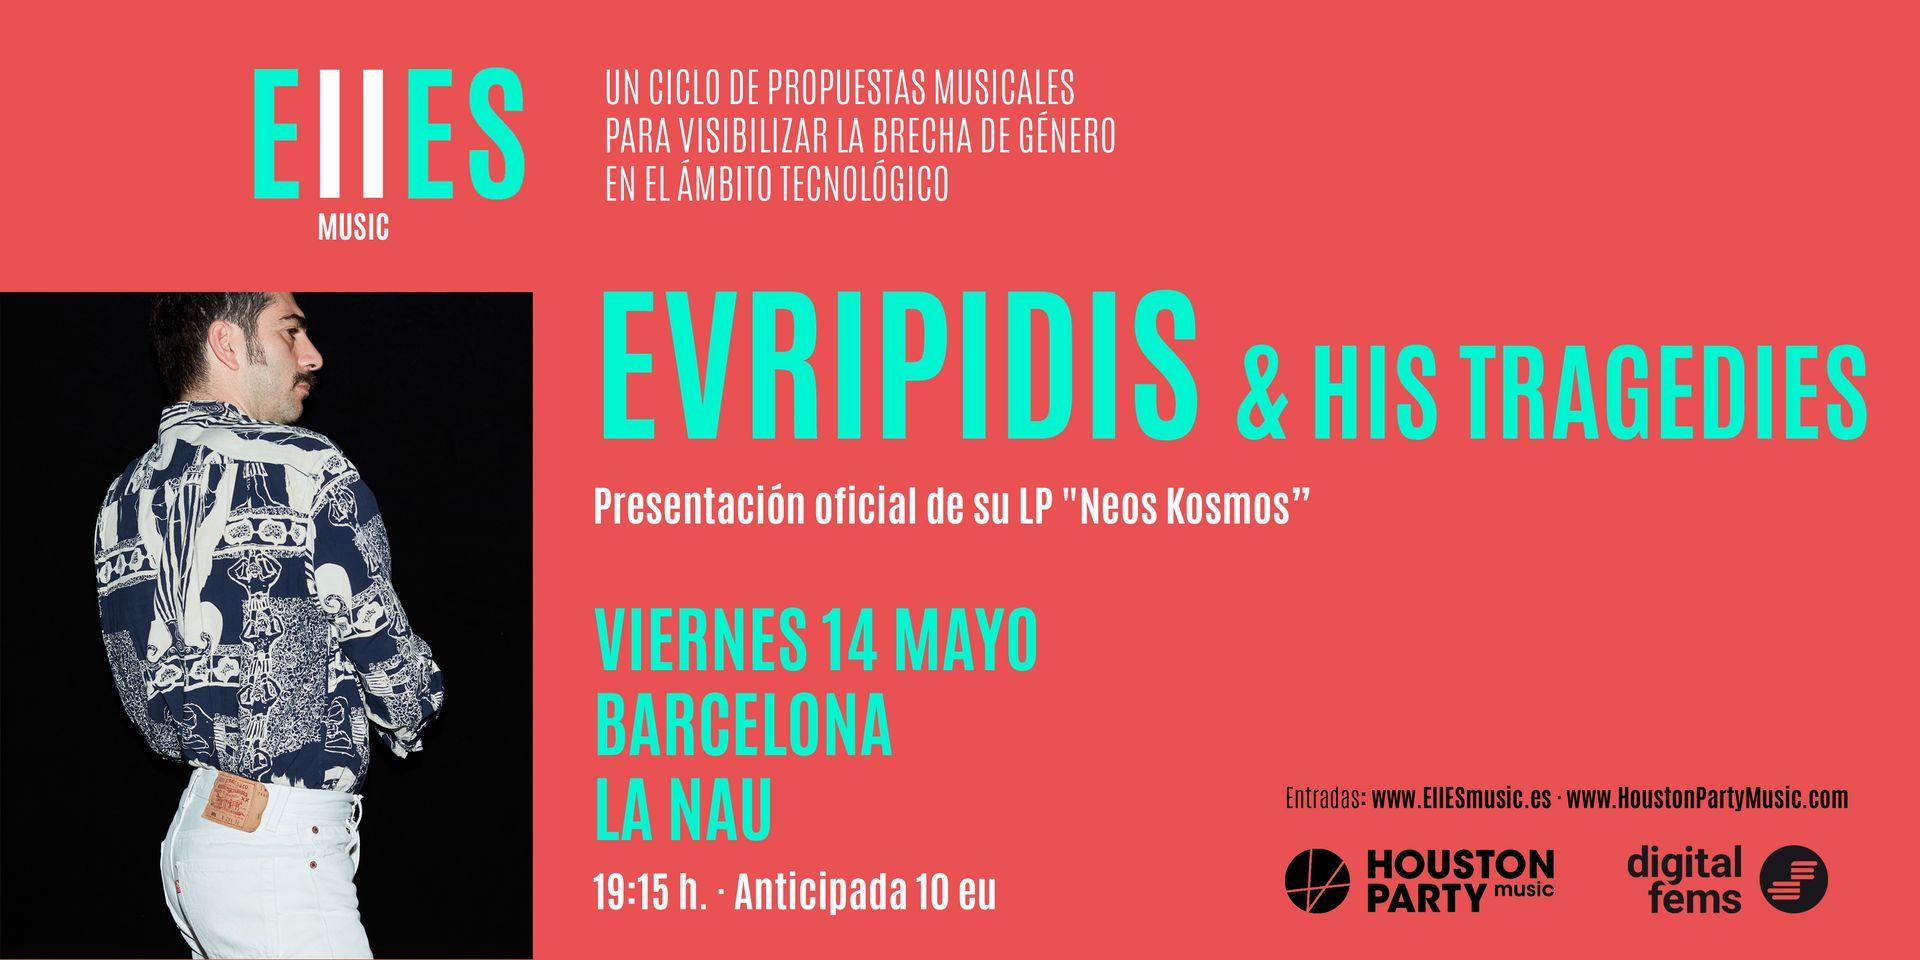 Evripidis And His Tragedies, el 14 de mayo en La Nau de Barcelona con EllESmusic